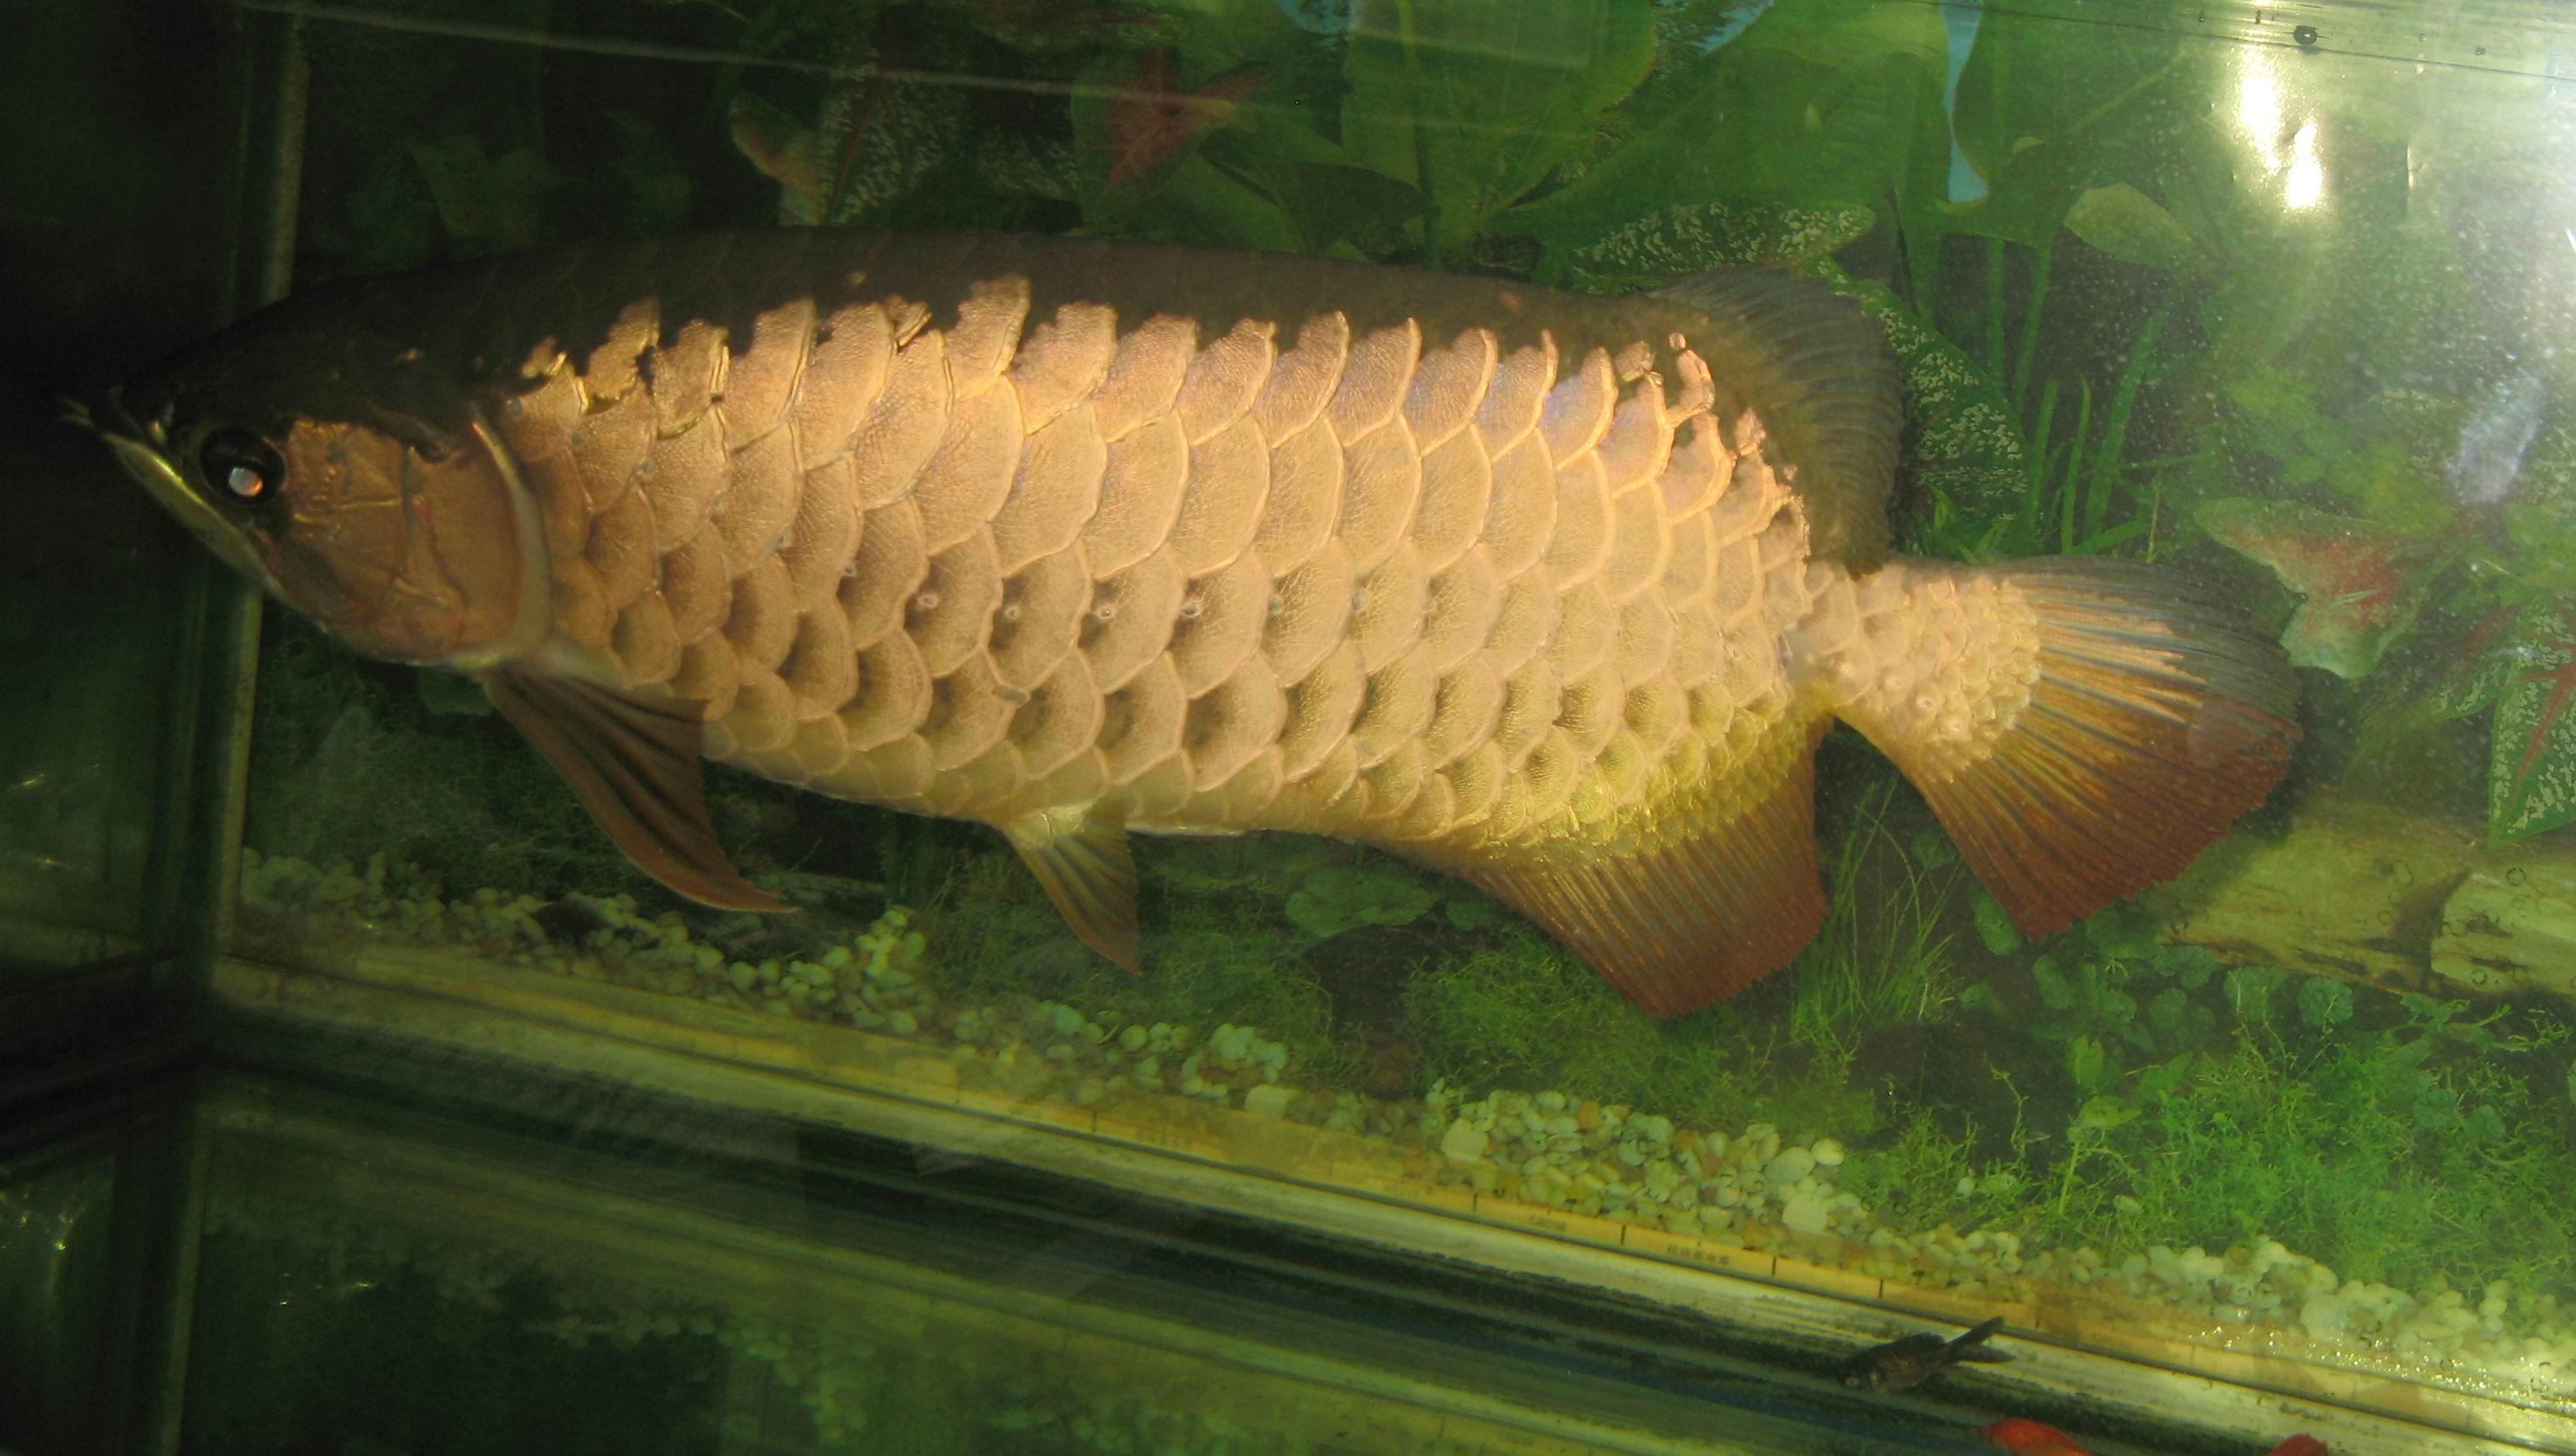 金龙鱼多少钱一条_我们家养的金龙鱼有48CM长,已经养了8年了。请问再深圳能值多少 ...